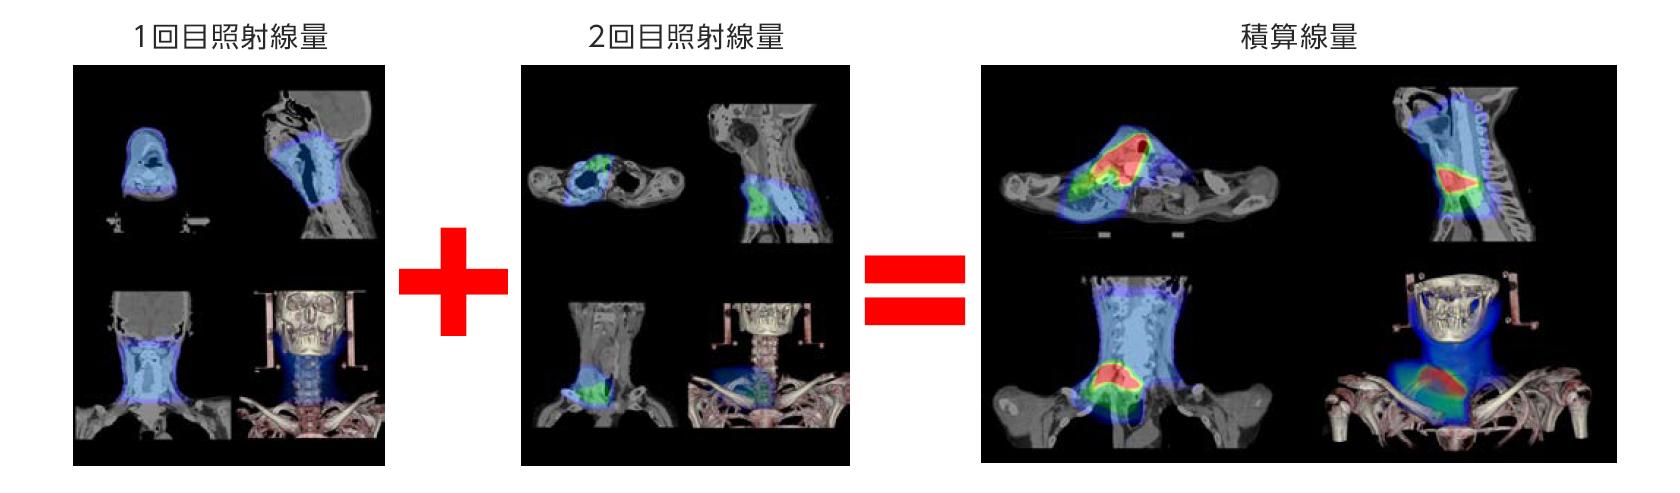 [画像]非剛体レジストレーション機能による線量積算機能